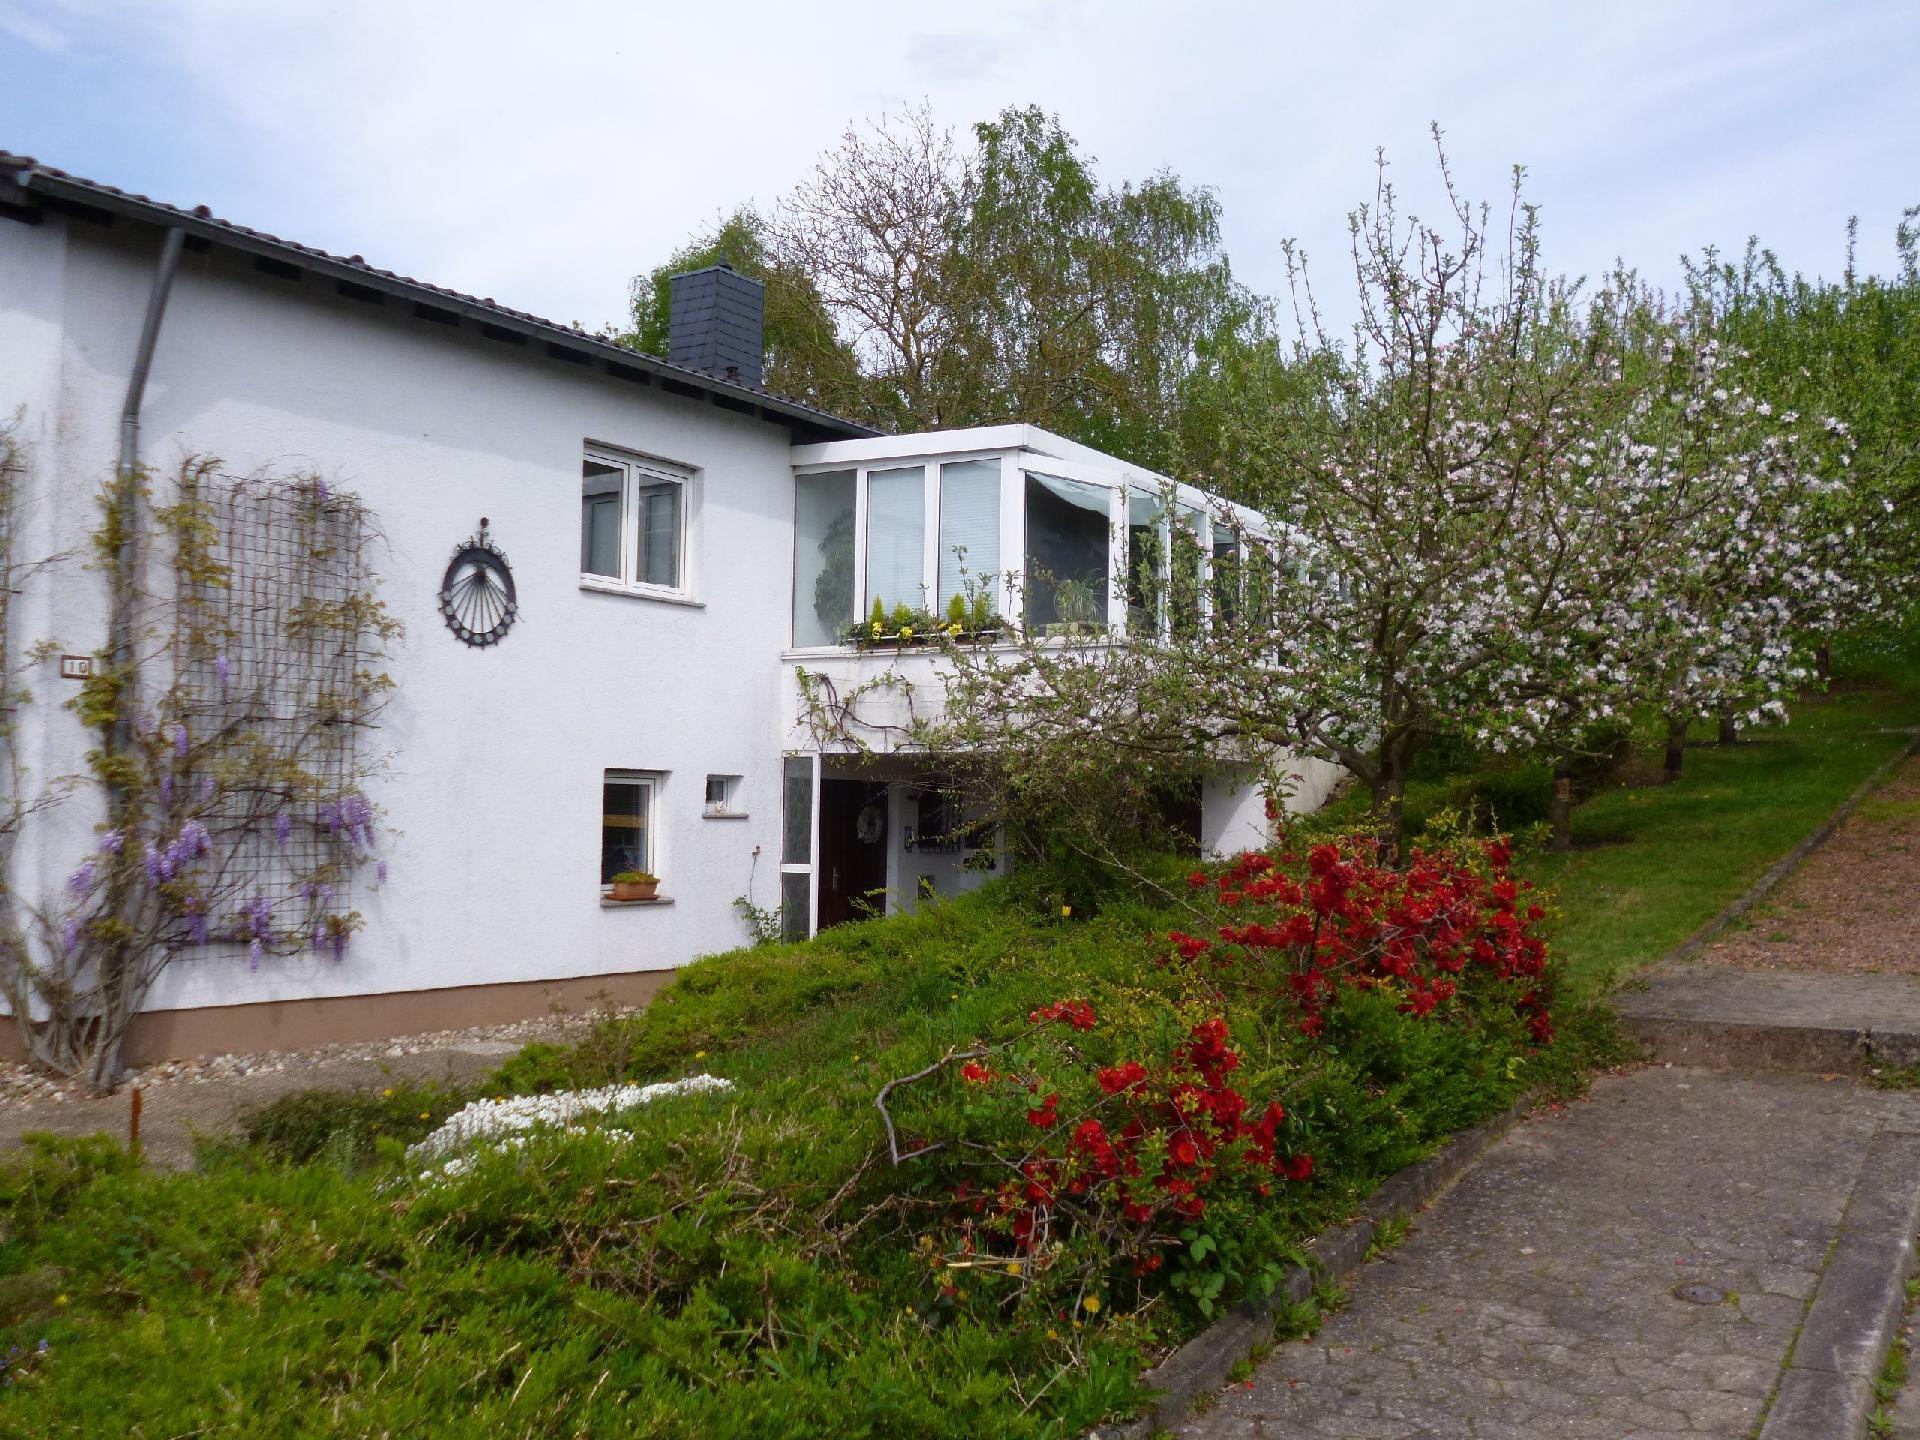 Ferienwohnung für 4 Personen  + 1 Kind ca. 89   Saarland